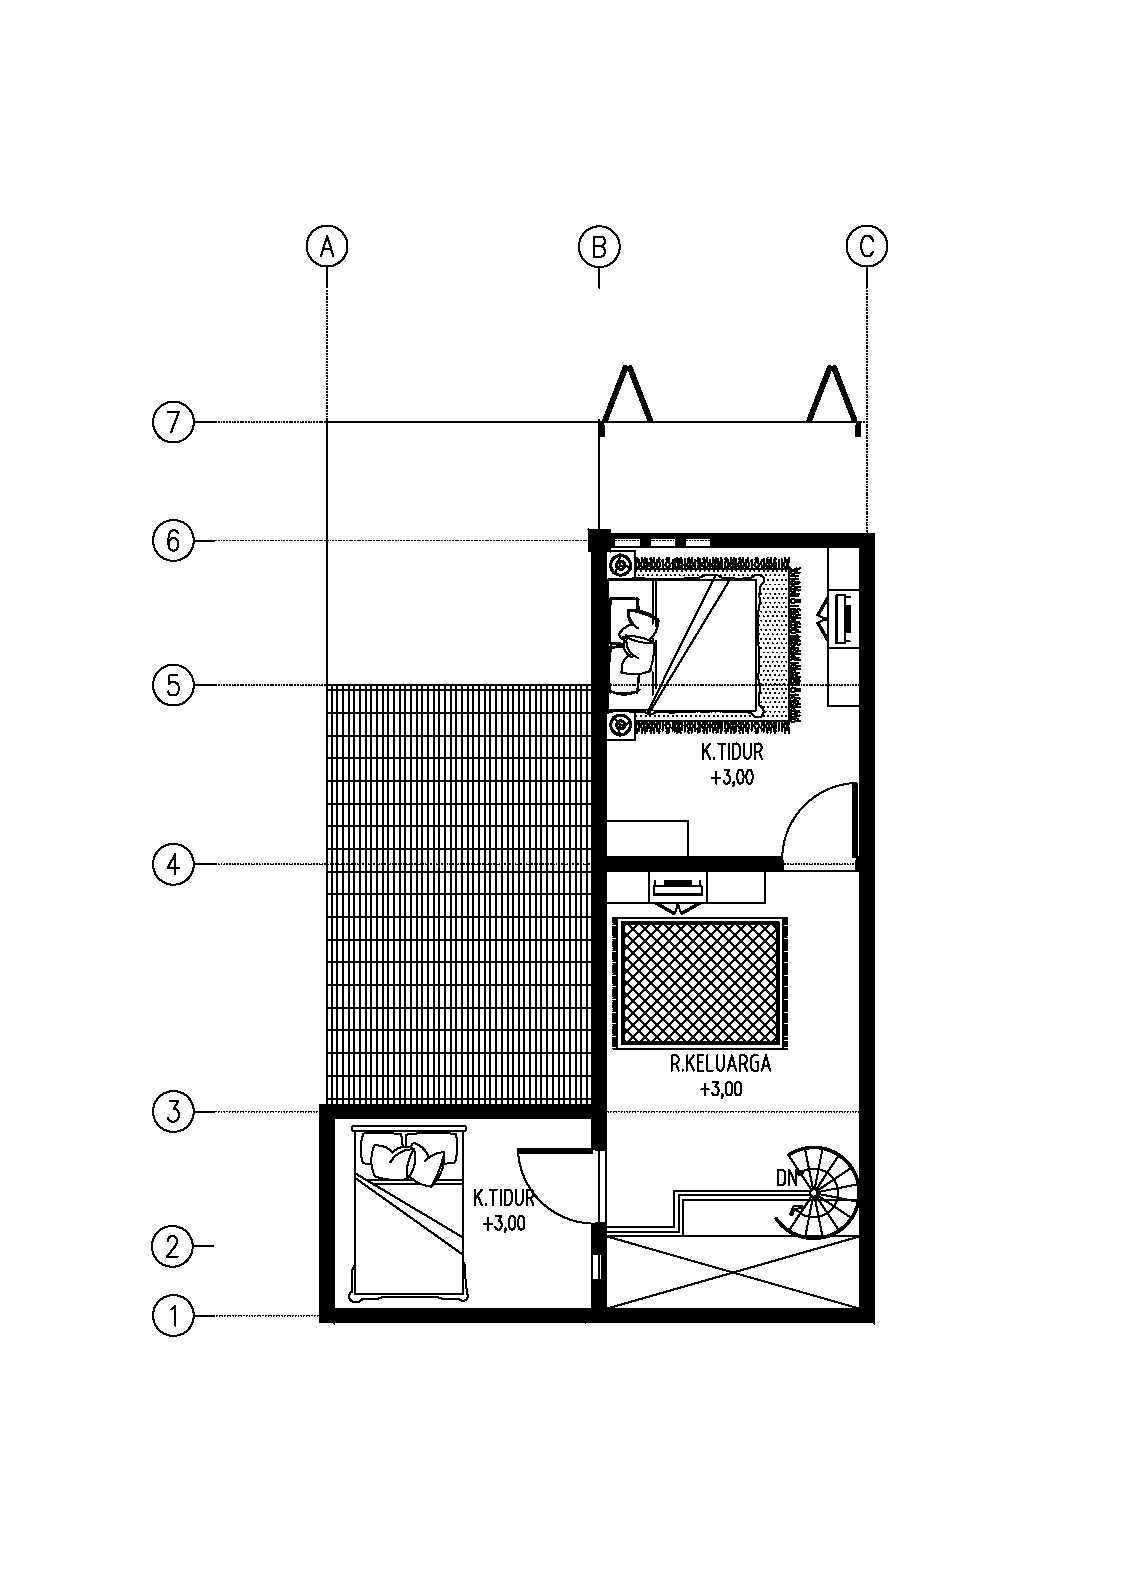 Gubah Ruang Studio R House Bandung, Kota Bandung, Jawa Barat, Indonesia Bandung, Kota Bandung, Jawa Barat, Indonesia Floorplan Minimalis  51177